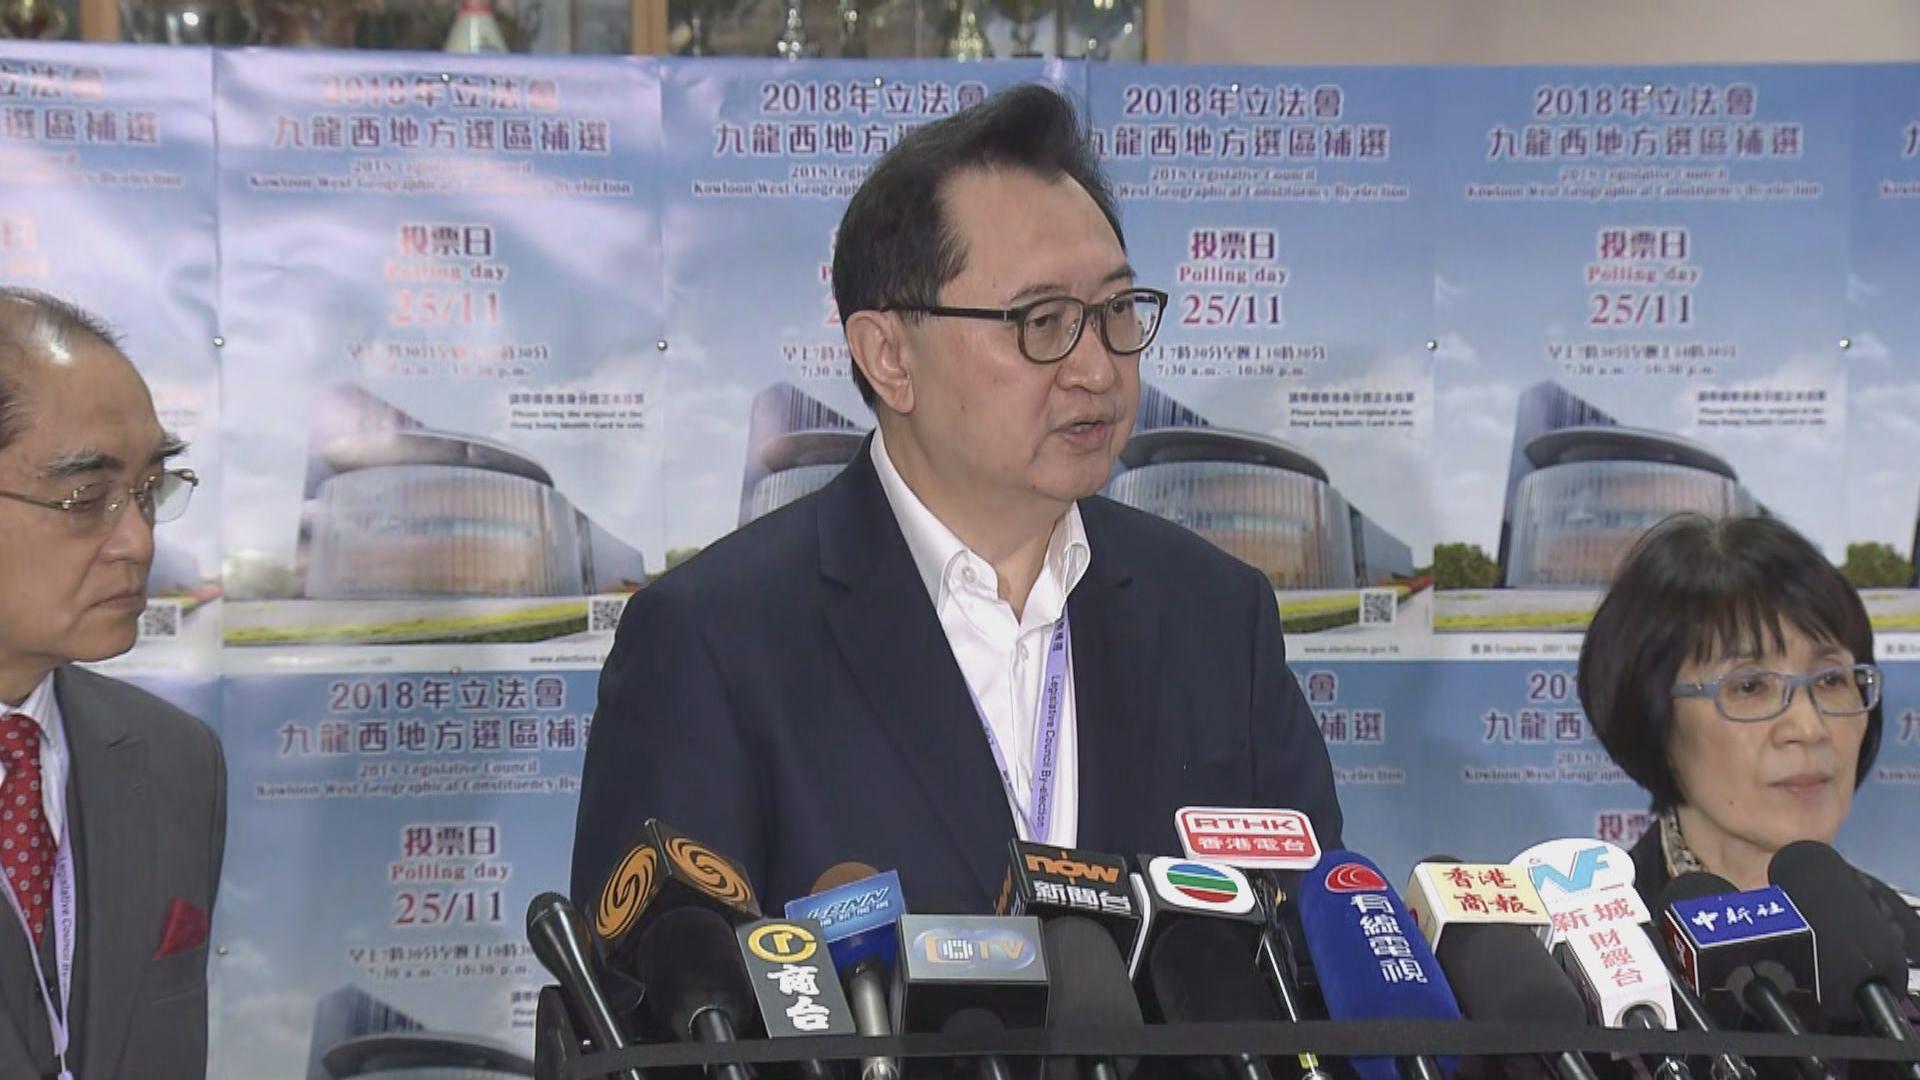 馮驊稱非候選人所出選舉廣告屬違規